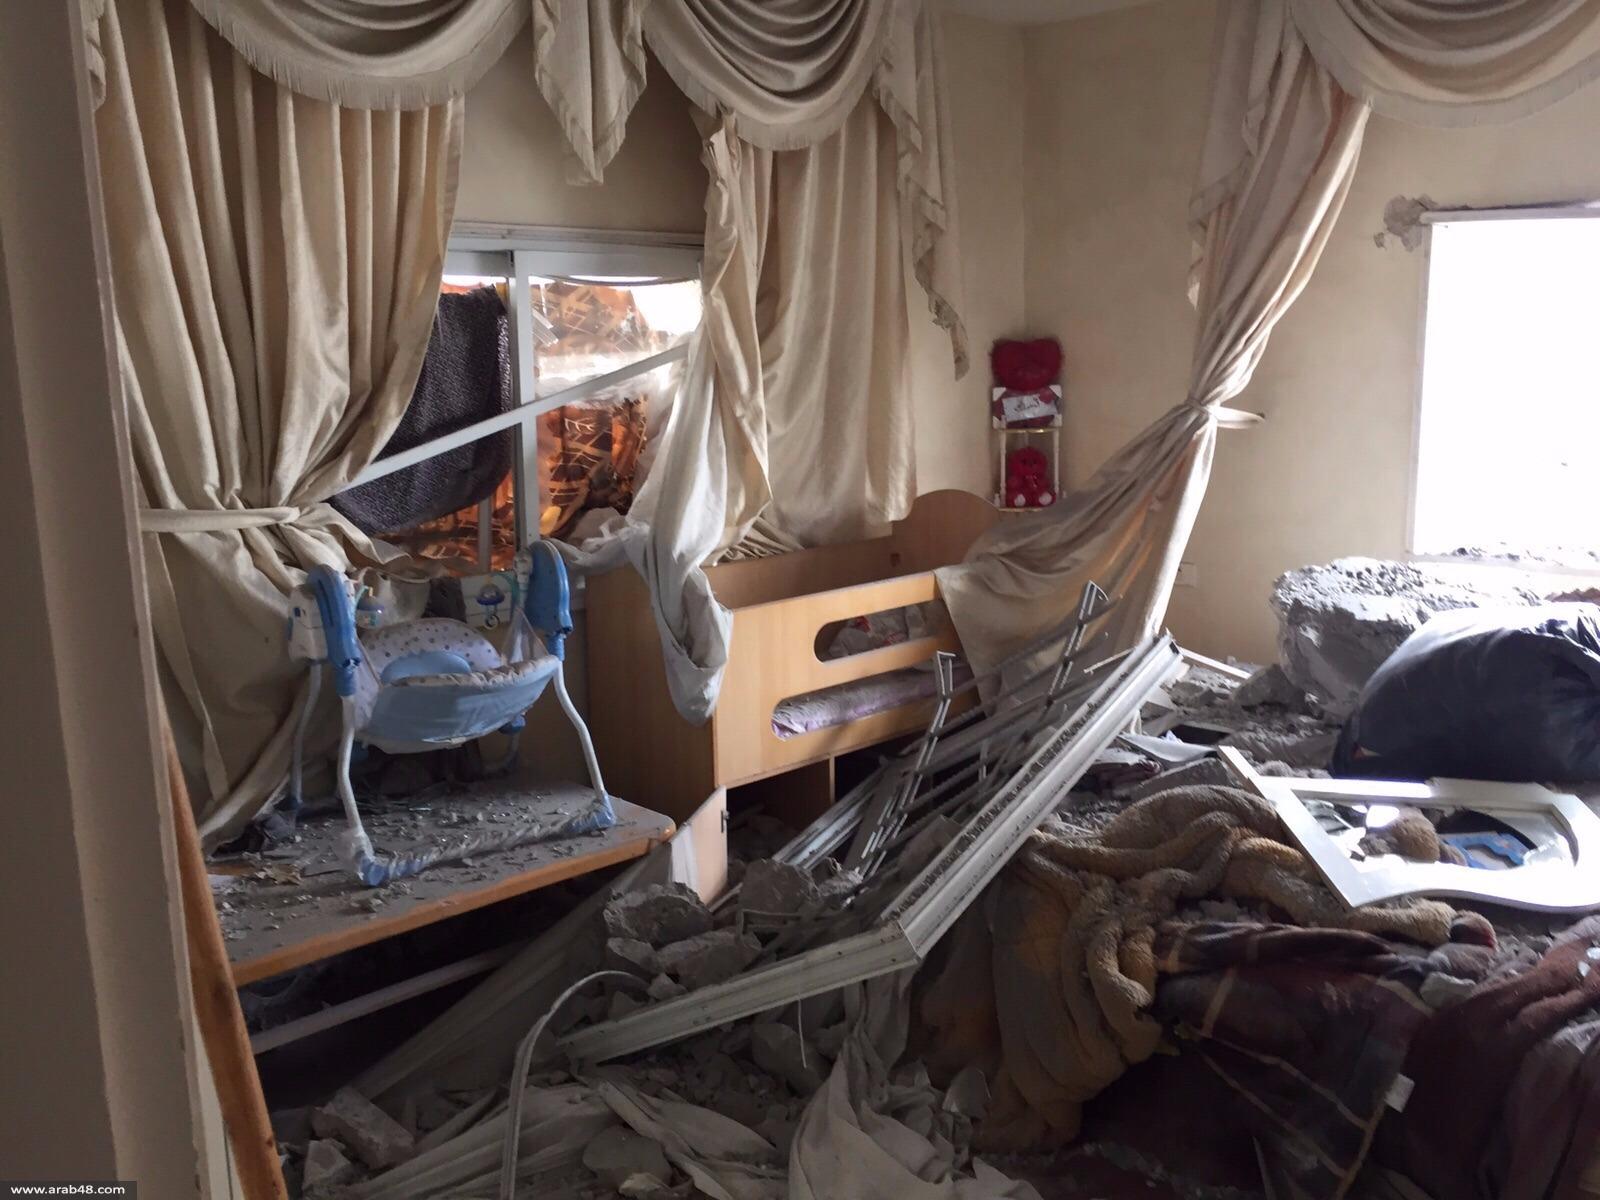 نبض الشبكة: عائلات الشهداء ما بين تهجير وتشريد